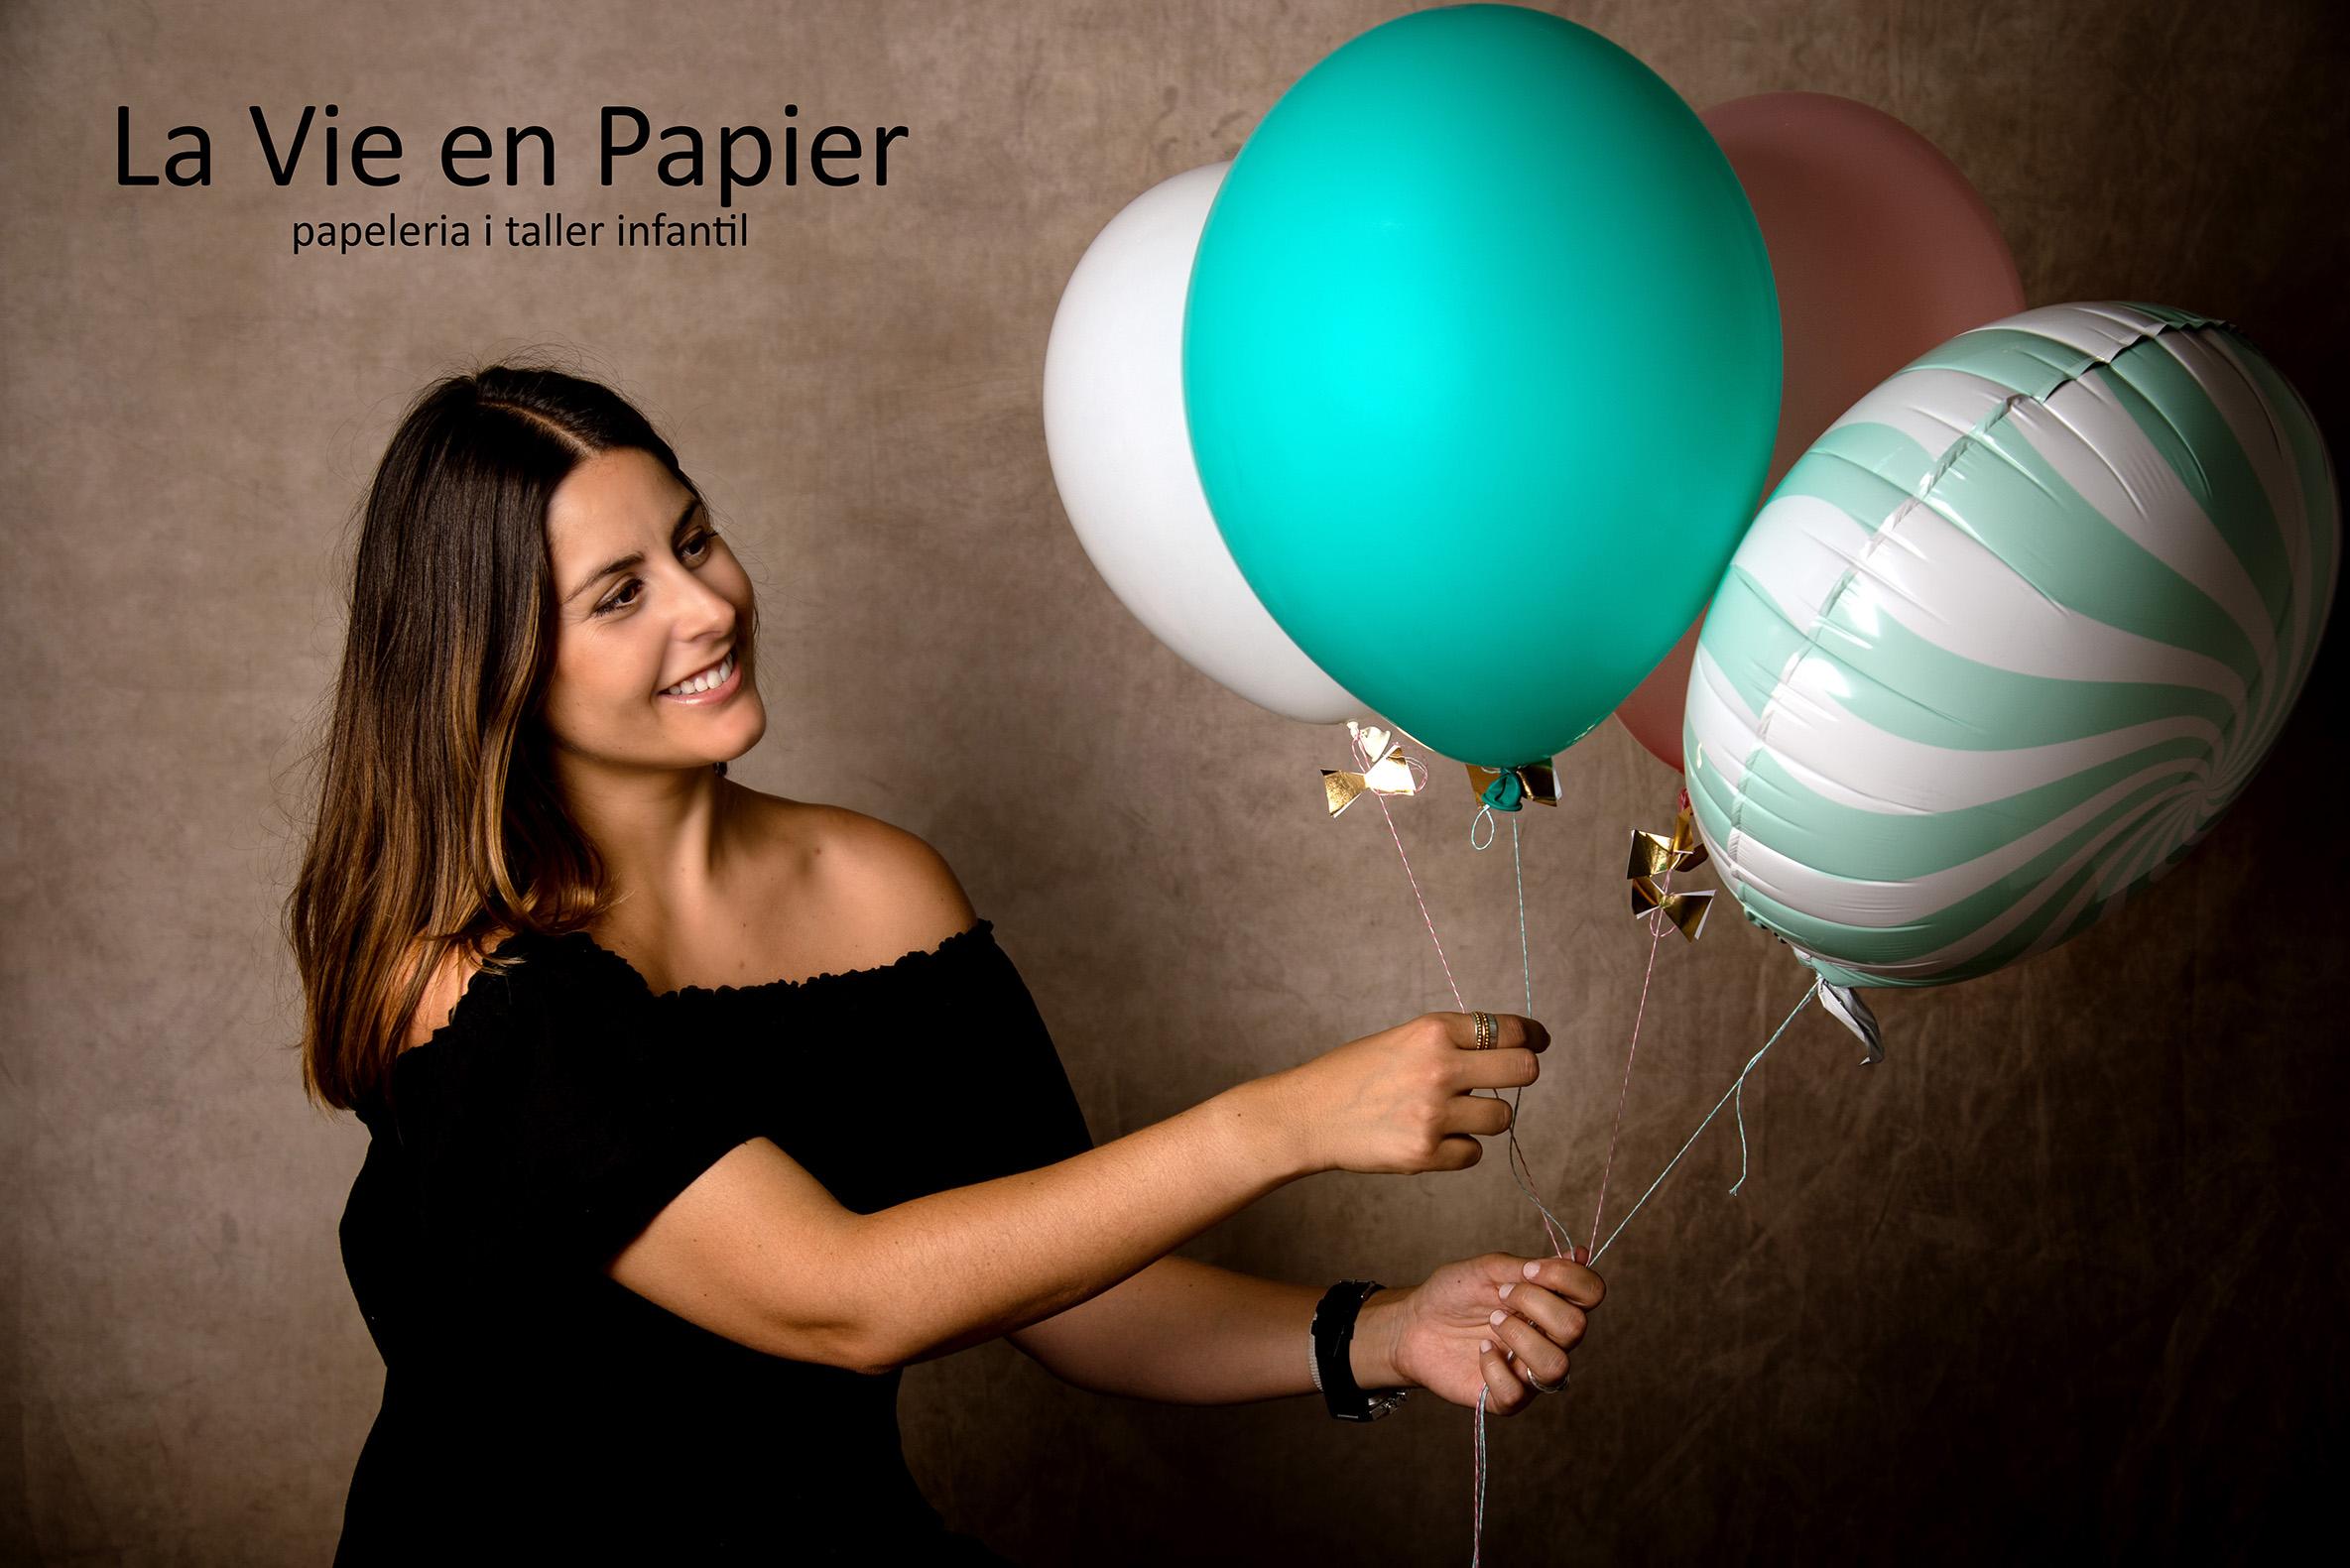 La Vie en Papier: papeleria i taller infantil